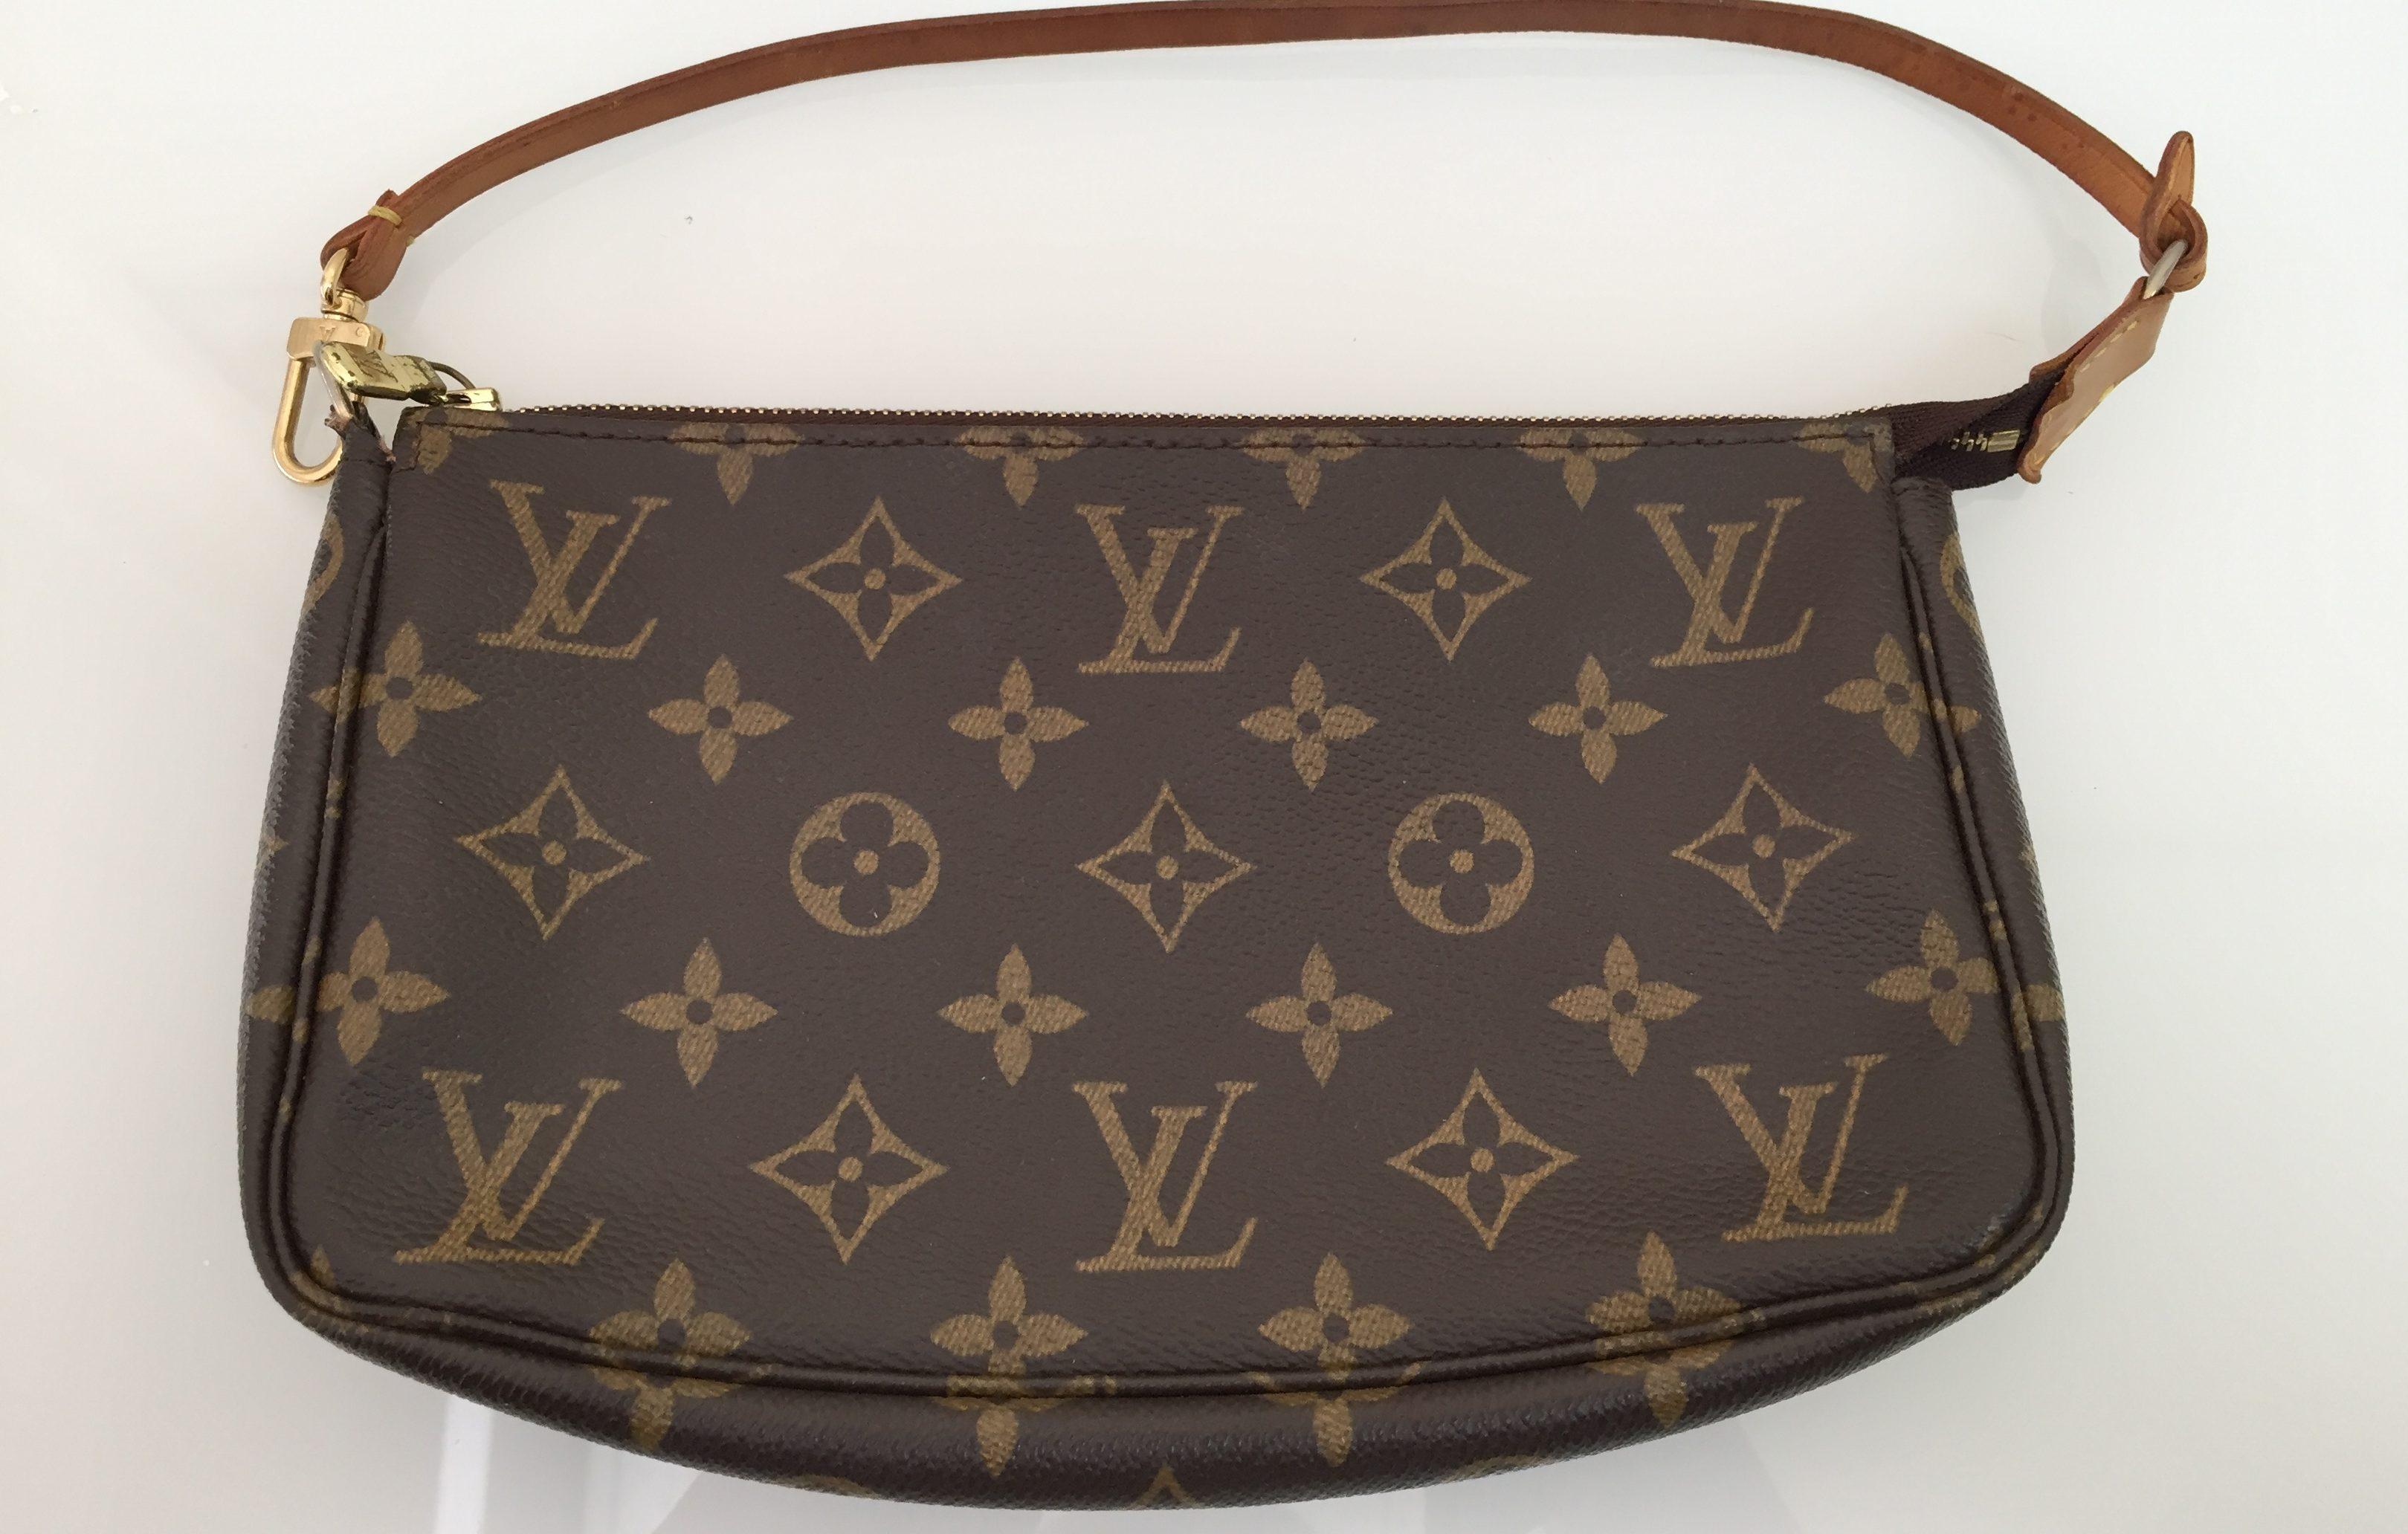 ルイヴィトン Louis Vuitton ブランドバッグ ブランド品 モノグラム